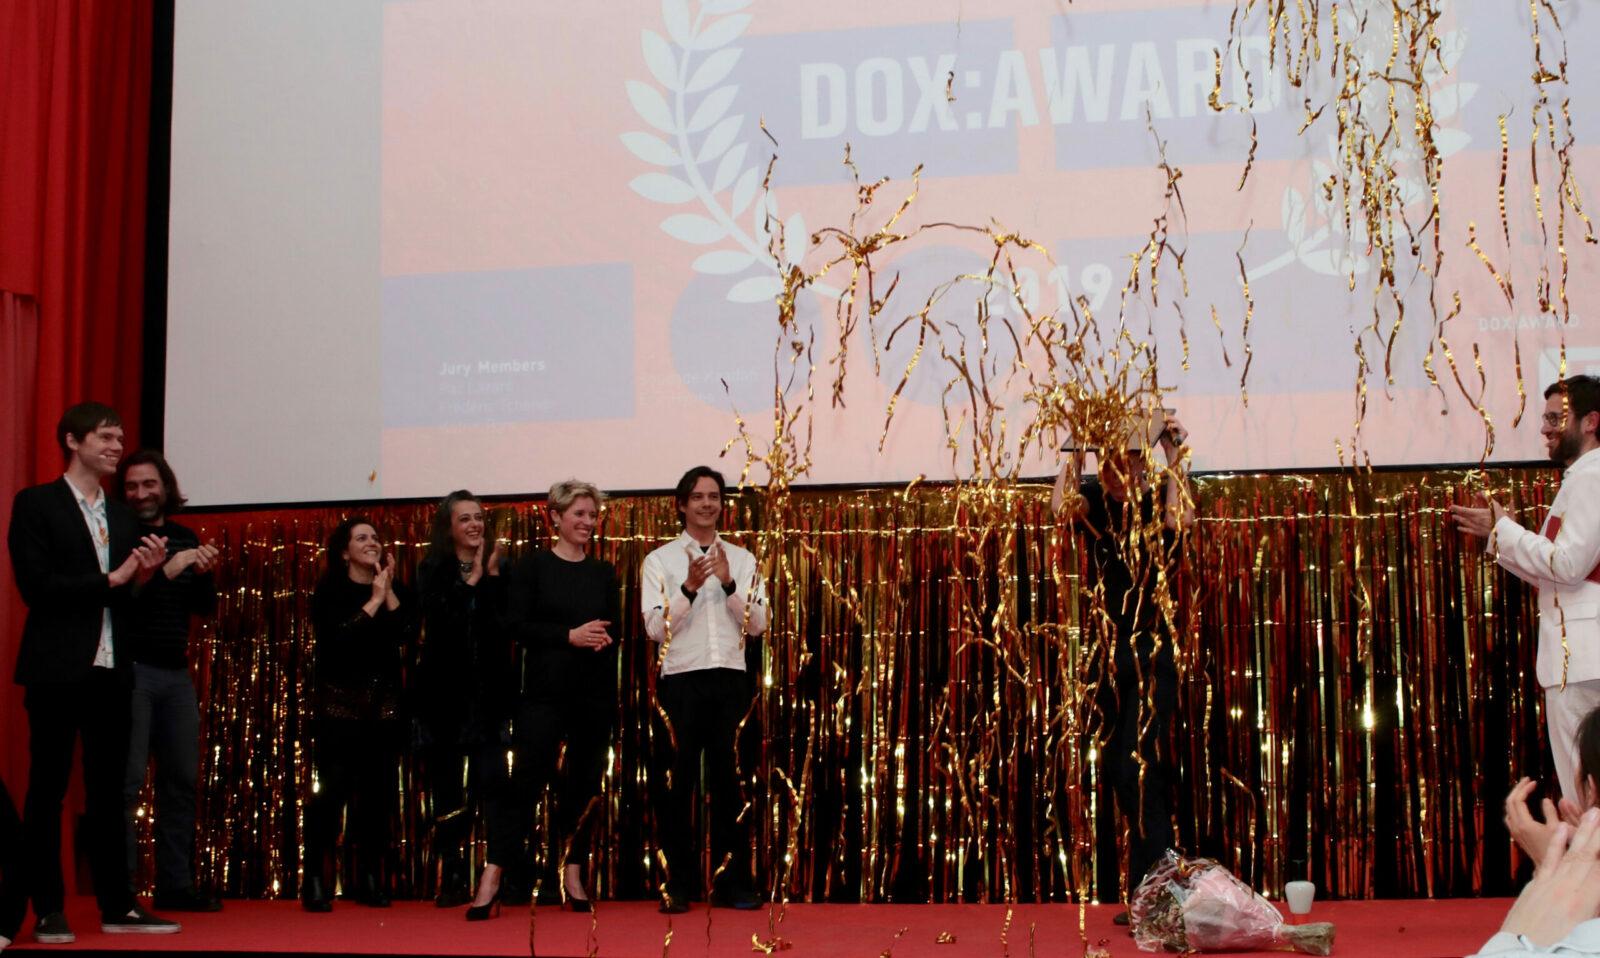 CPH:DOX award ceremony